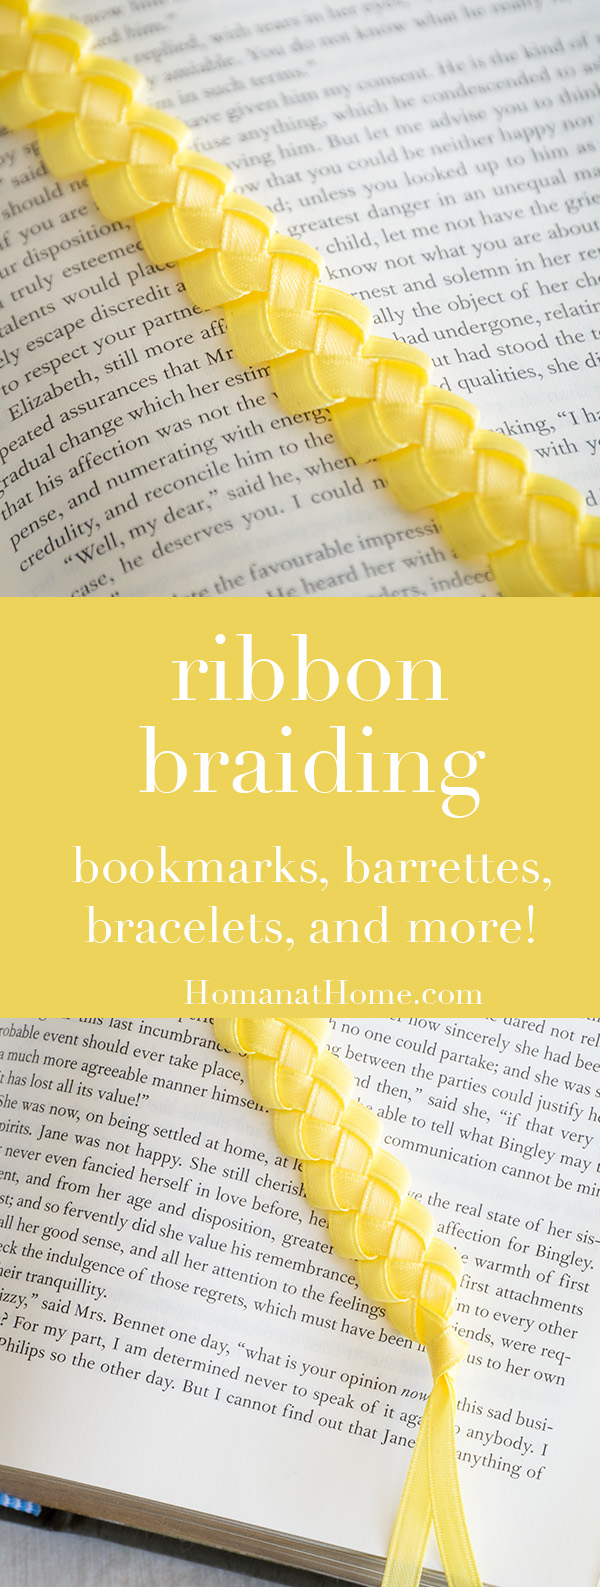 Ribbon Braiding | Homan at Home